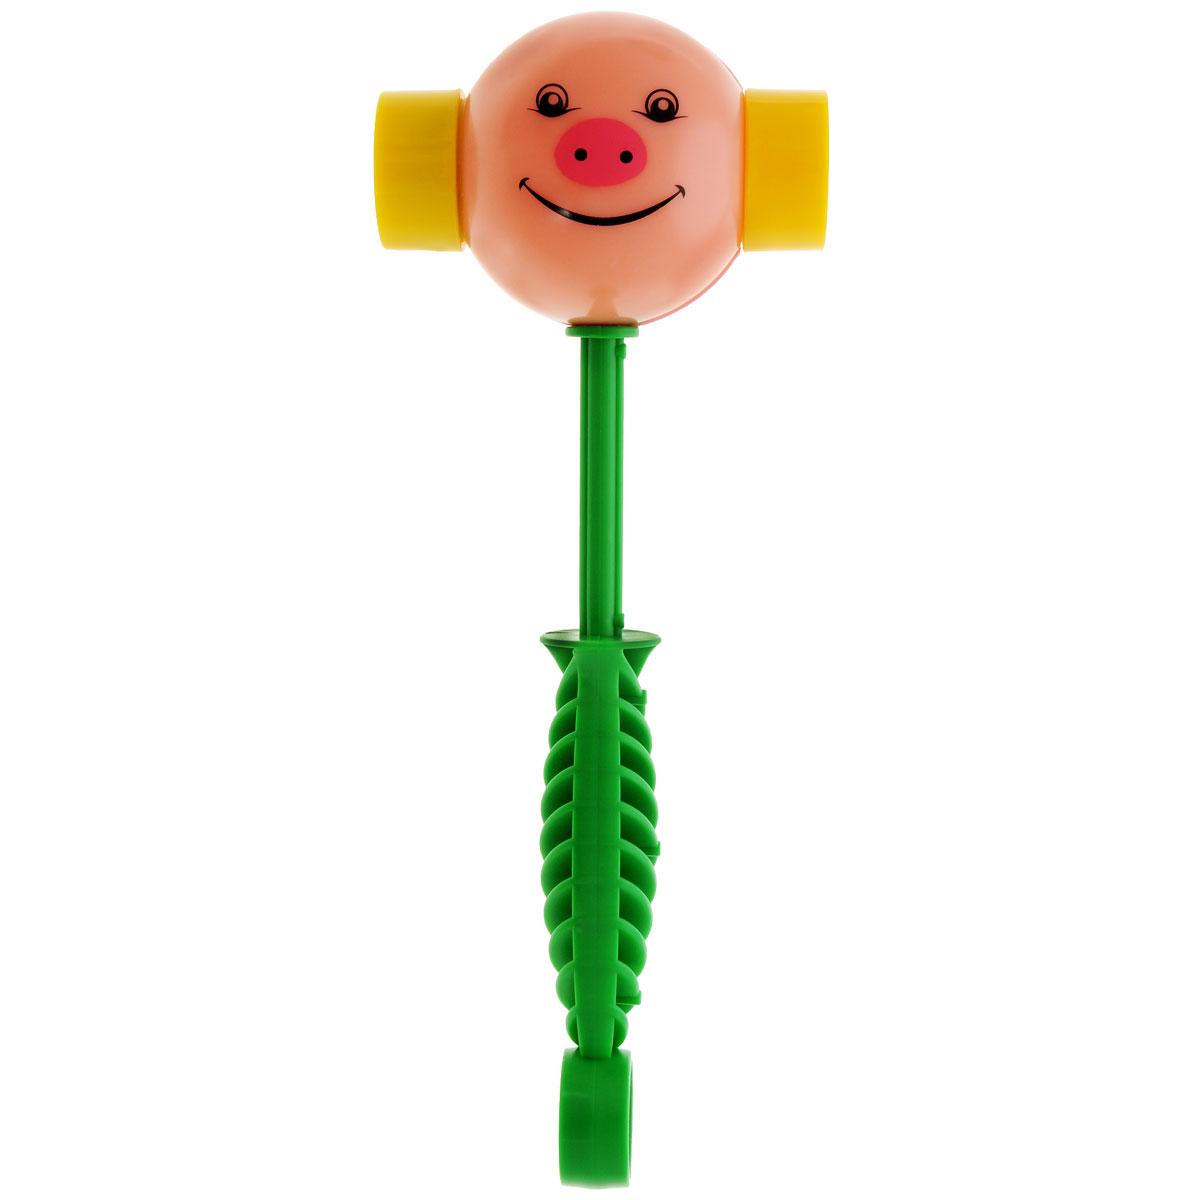 Развивающая игрушка Stellar Веселый молоточек, цвет: розовый, зеленый развивающая игрушка stellar веселый молоточек цвет зеленый желтый голубой